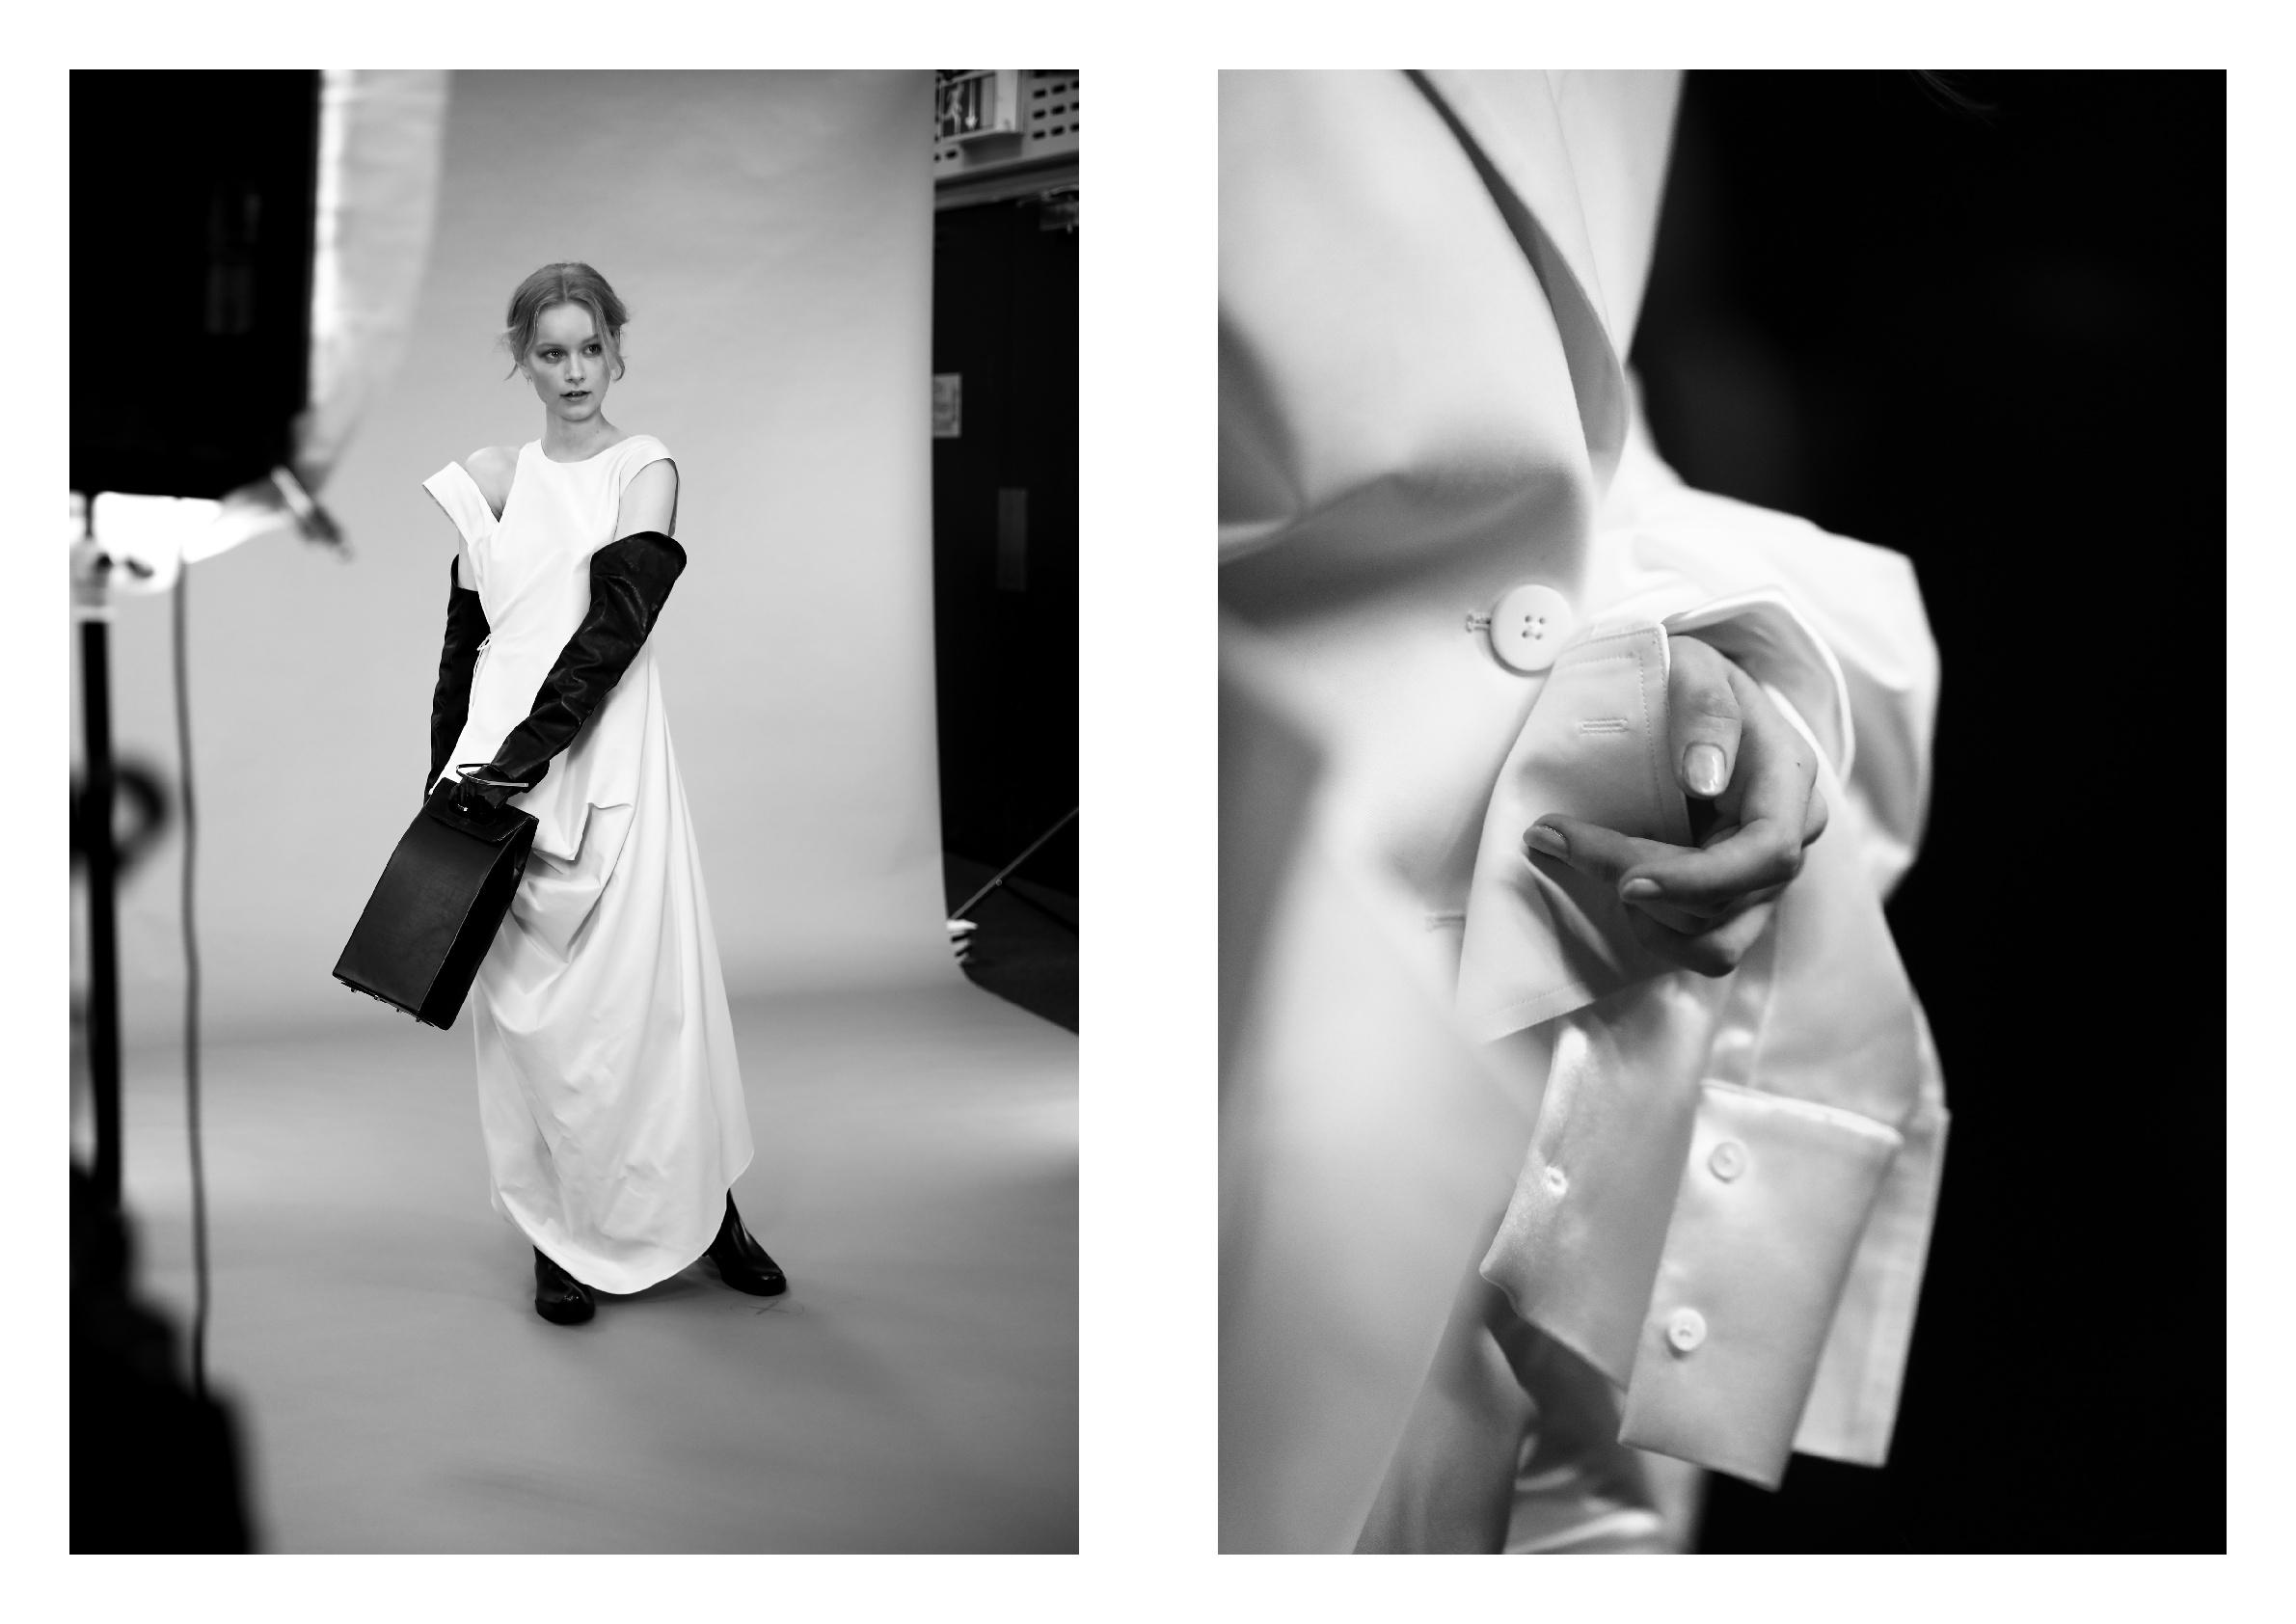 Unai-Mateo---Fashion-Portfolio2-017.jpg